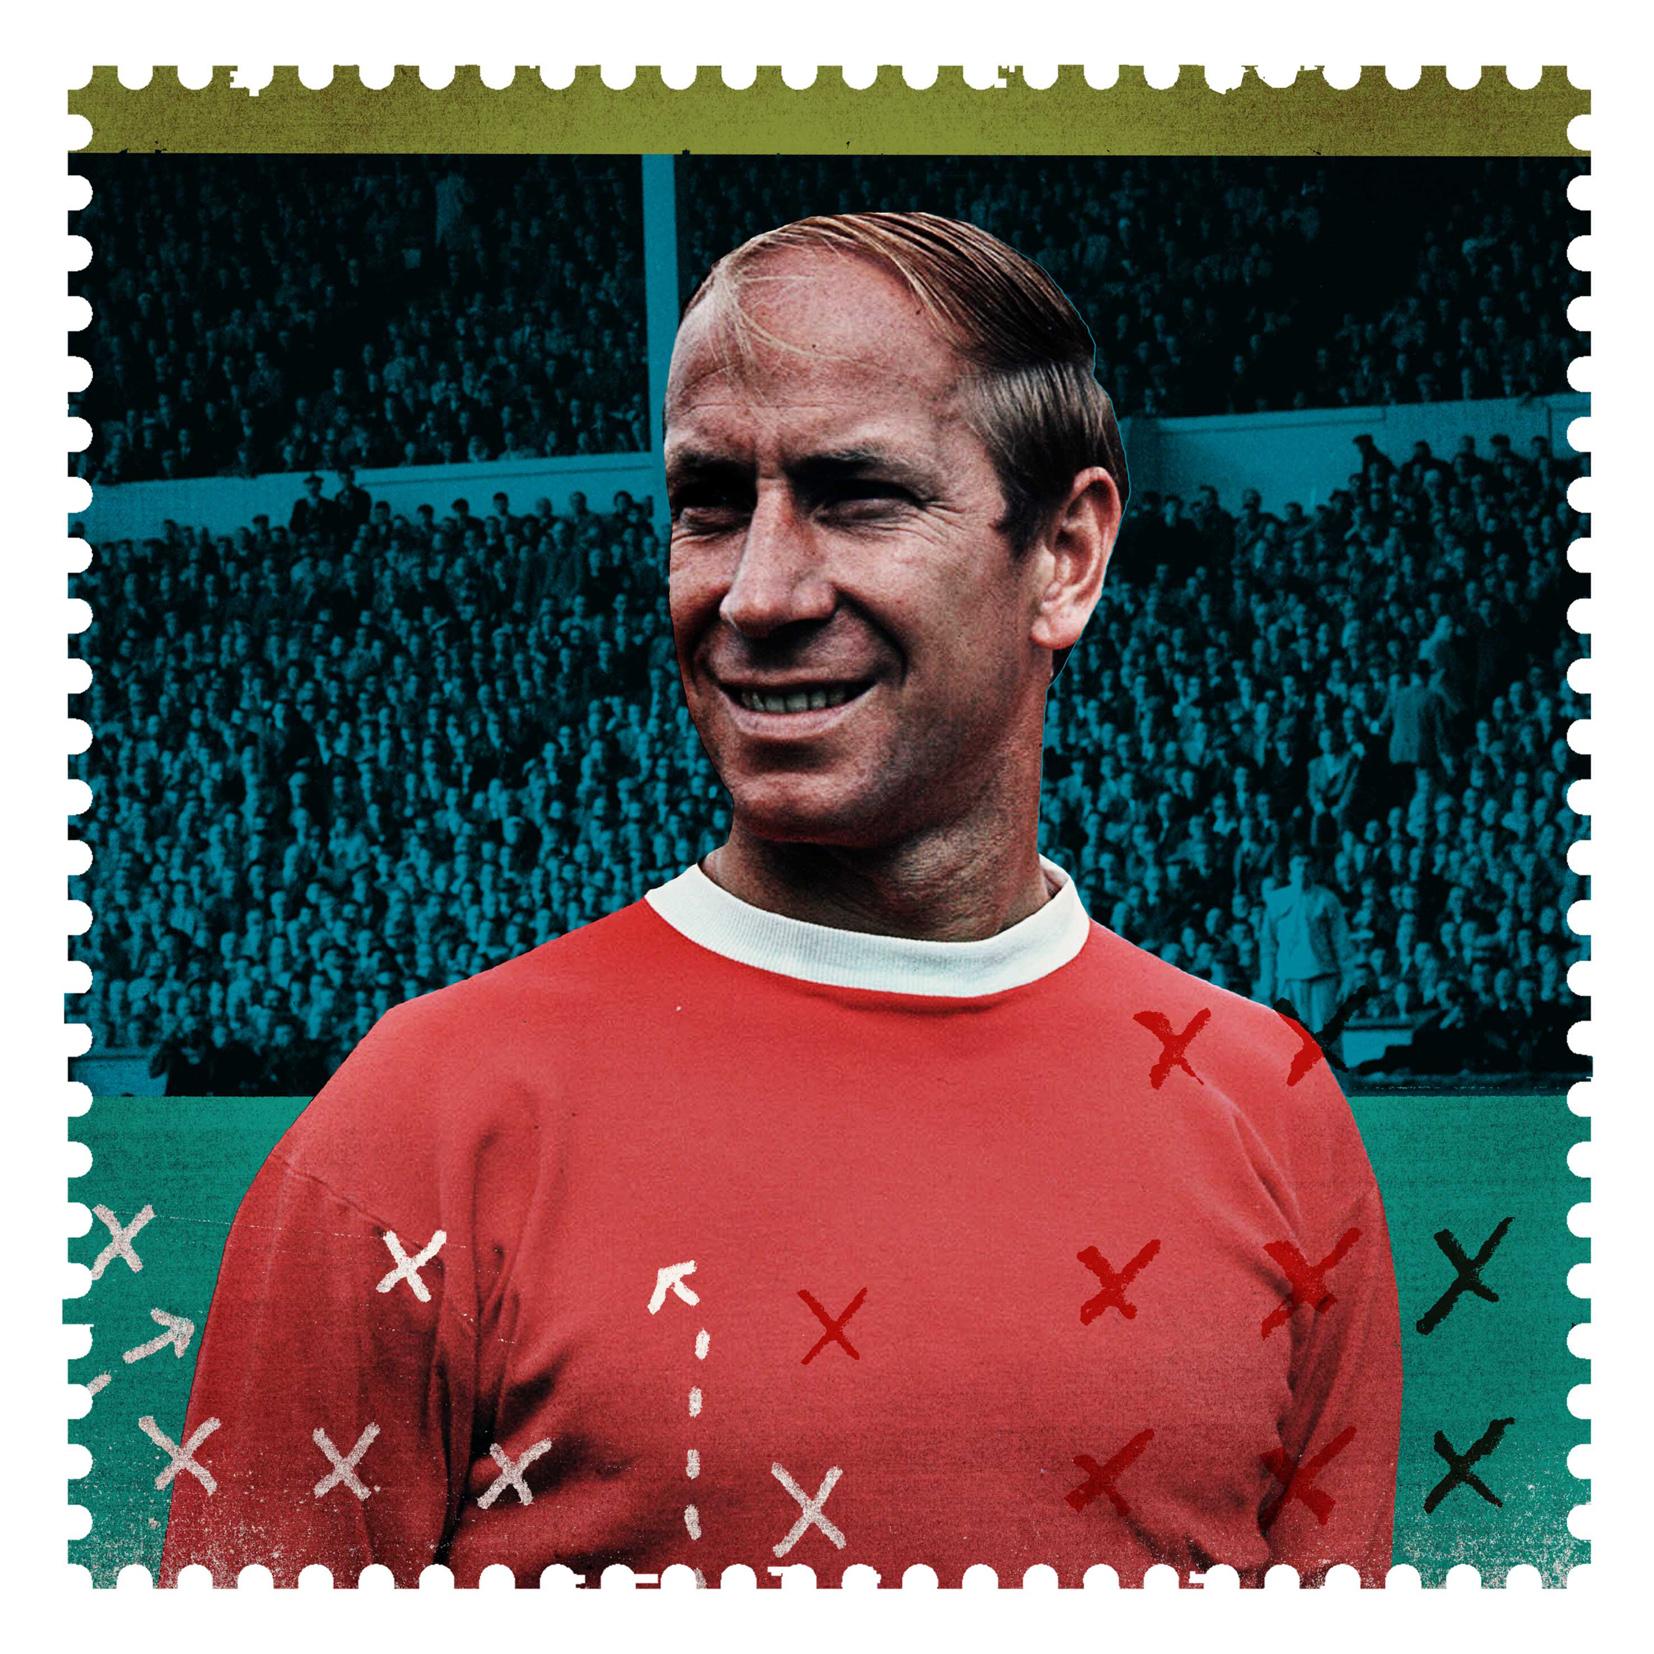 Bobby Moore 2 / Royal Mail